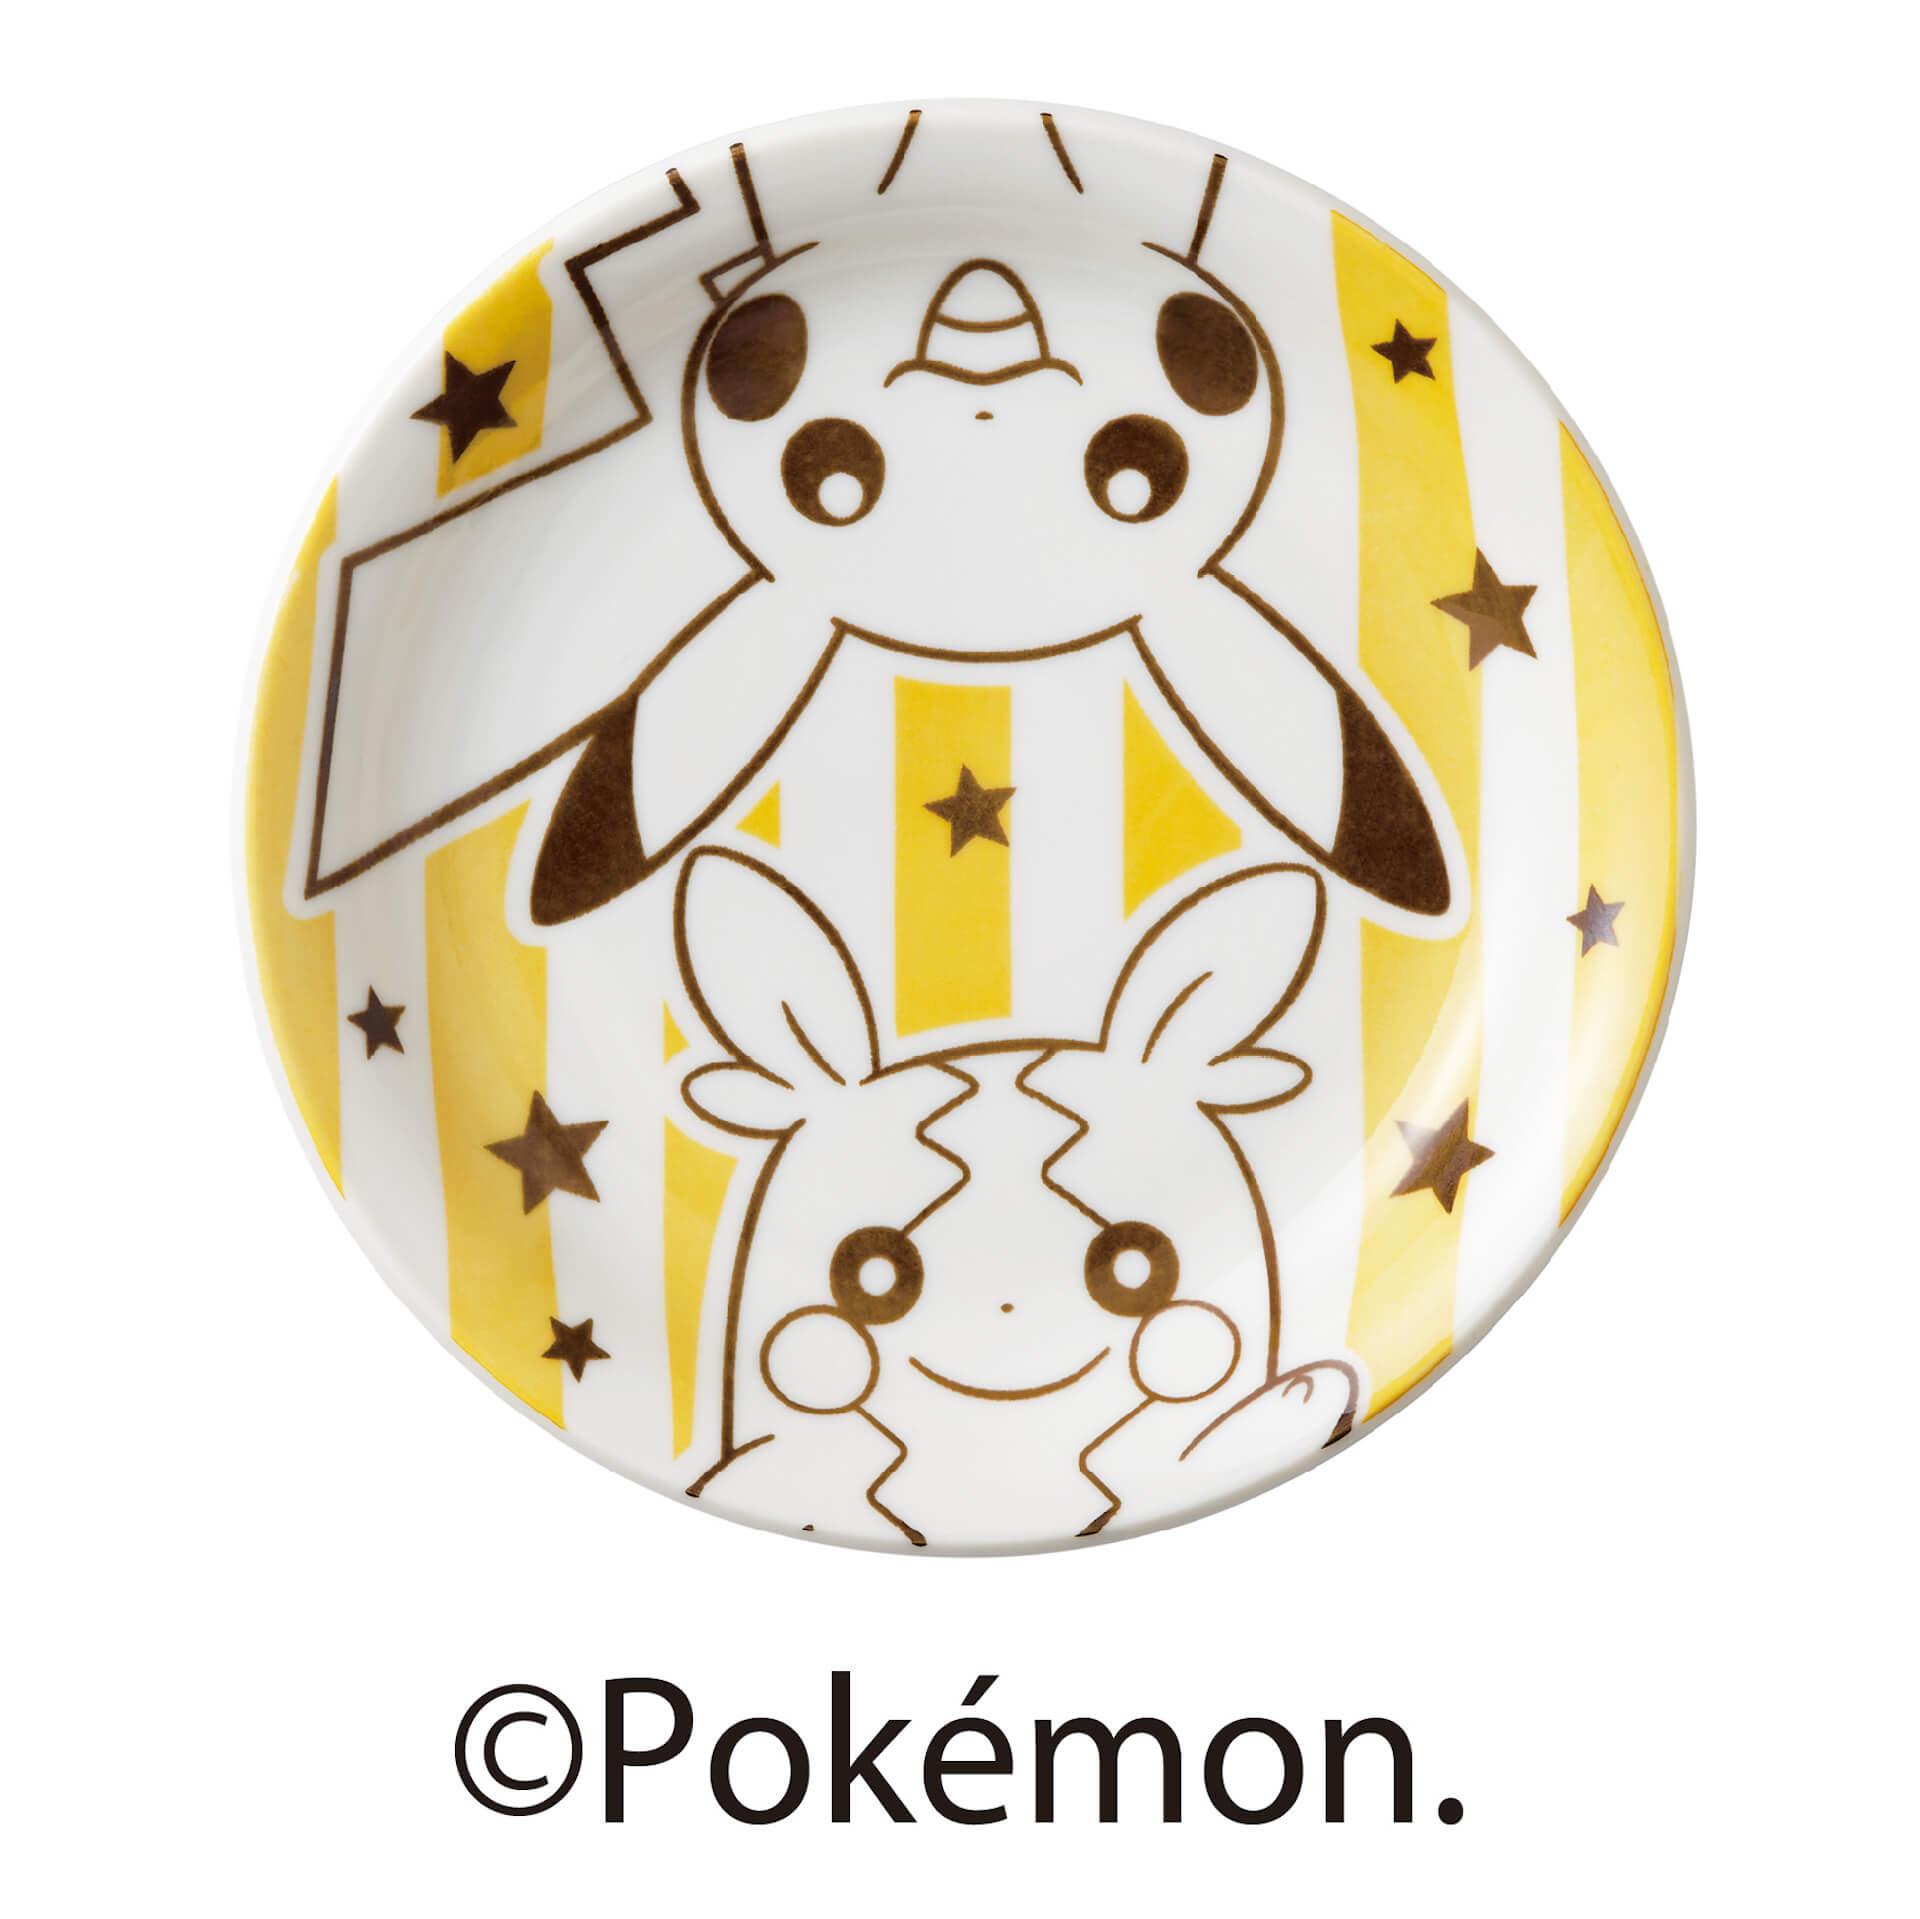 """ミスドとポケモンのコラボキャンペーン""""ミスドでポケモンといいことあるぞ""""に数量限定の「ポケモン おやつ皿」が登場!「ミスド ポケモン キッズセット」発売決定 gourmet201110_misdo_pokemon_2"""